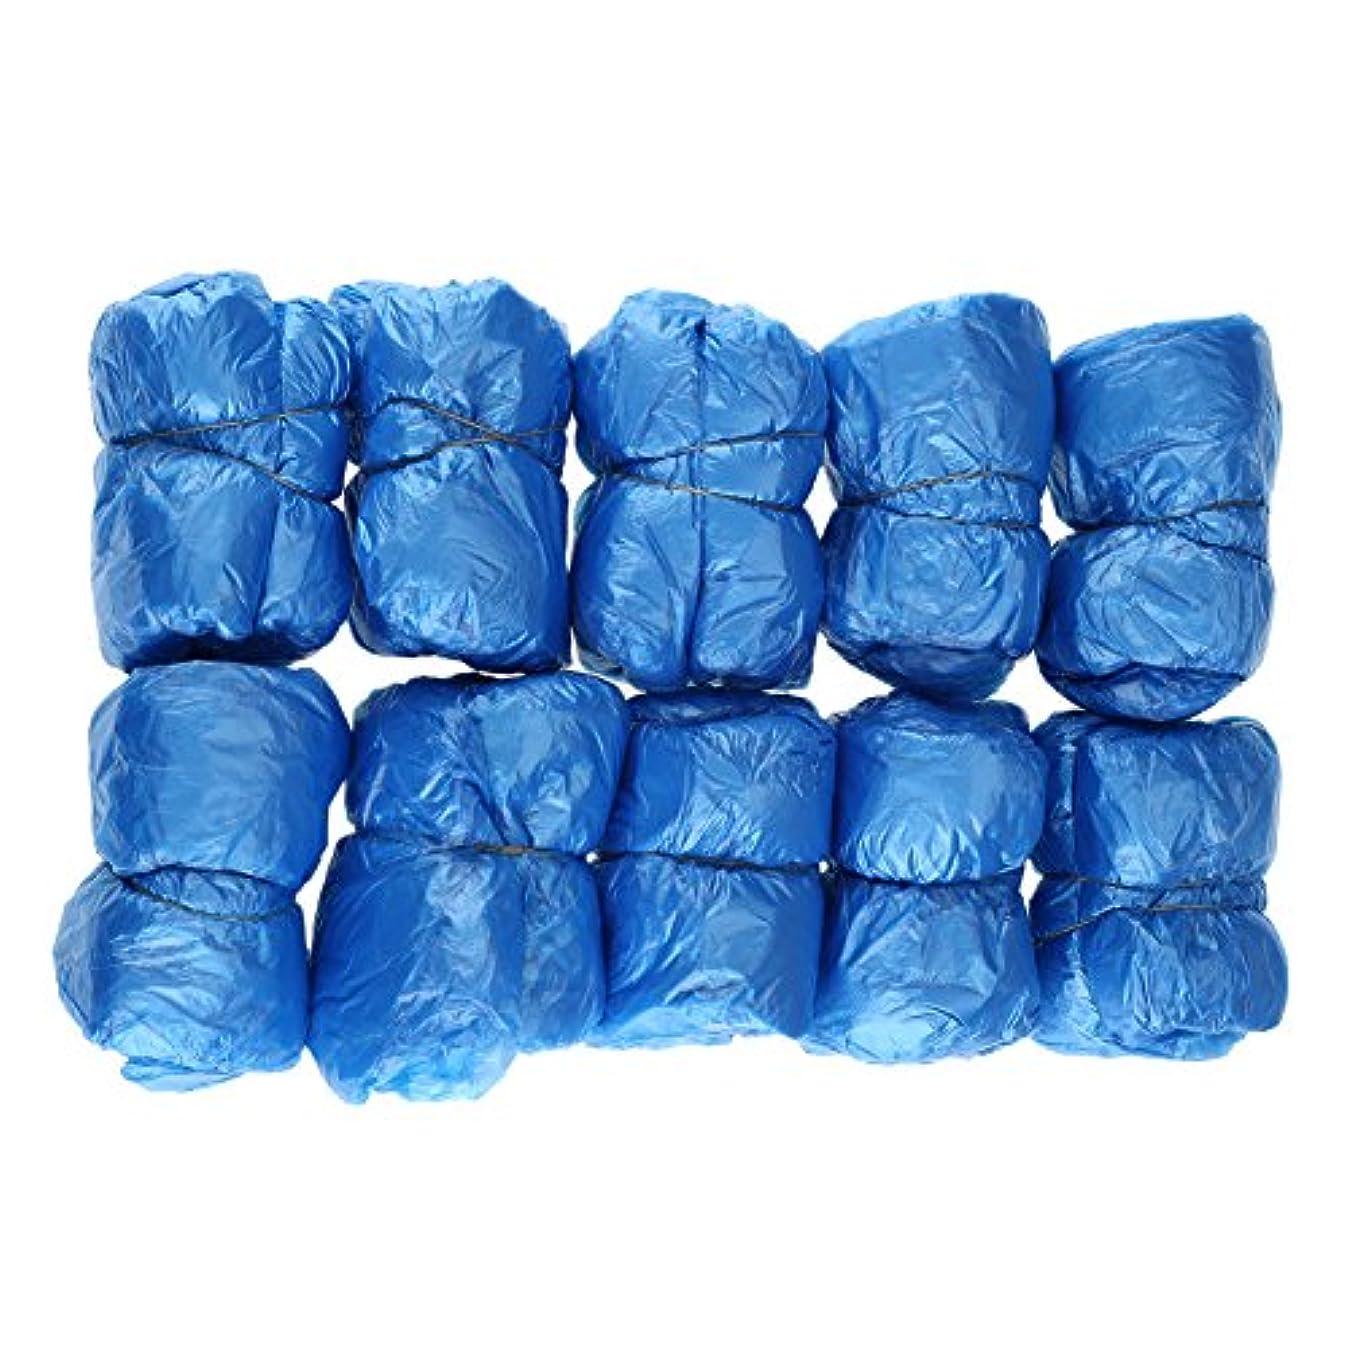 課税側溝人物100枚入 使い捨て靴カバー シューズカバー 靴カバー サイズフリー簡単 便利 衛生 家庭用品 ブルー